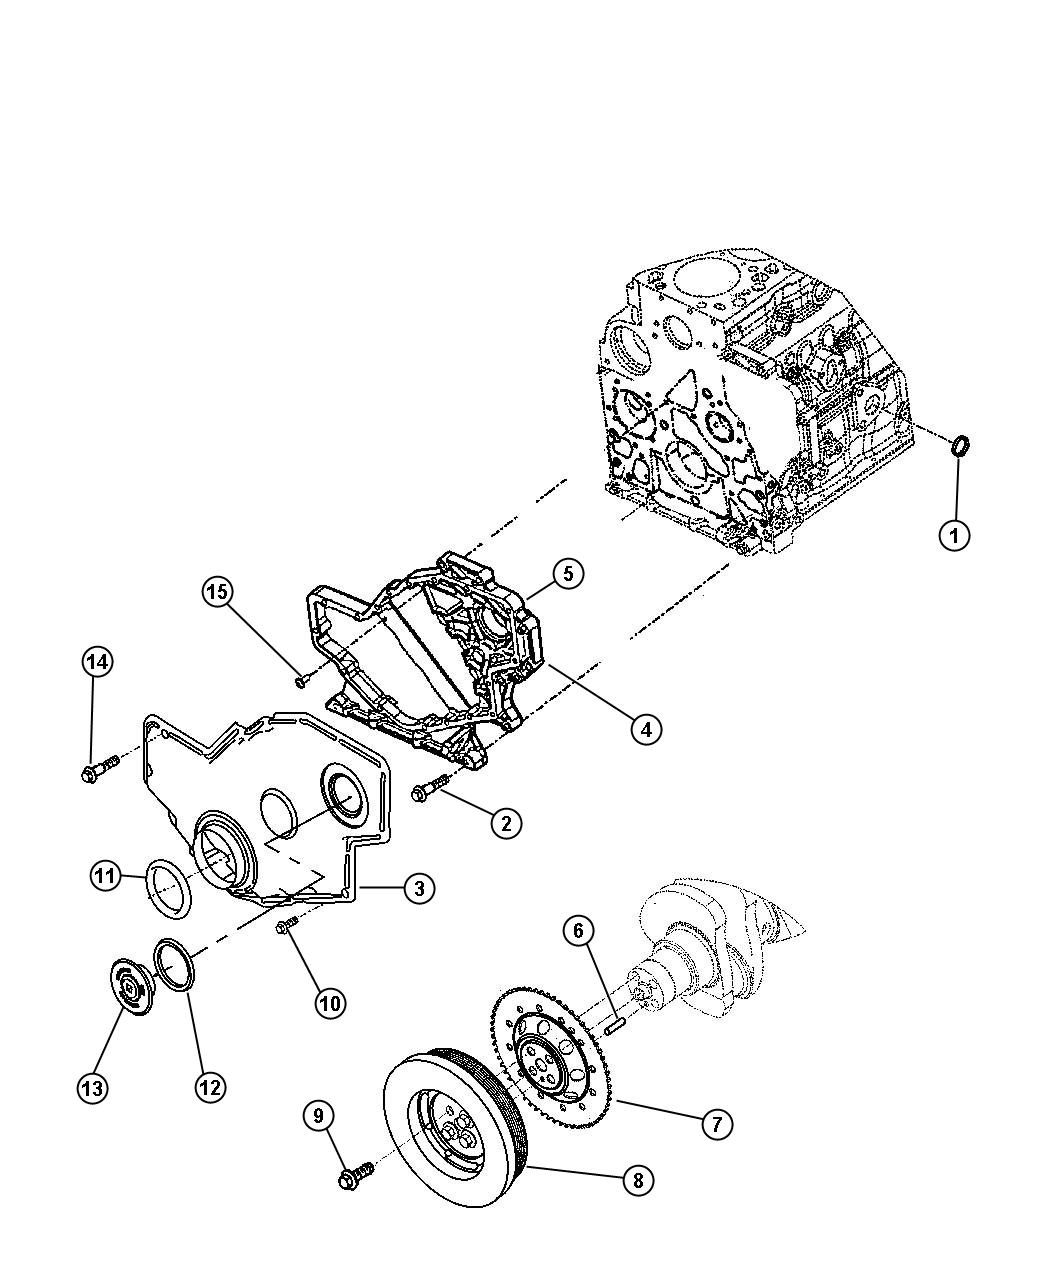 Dodge Ram Damper Crankshaft Emissions